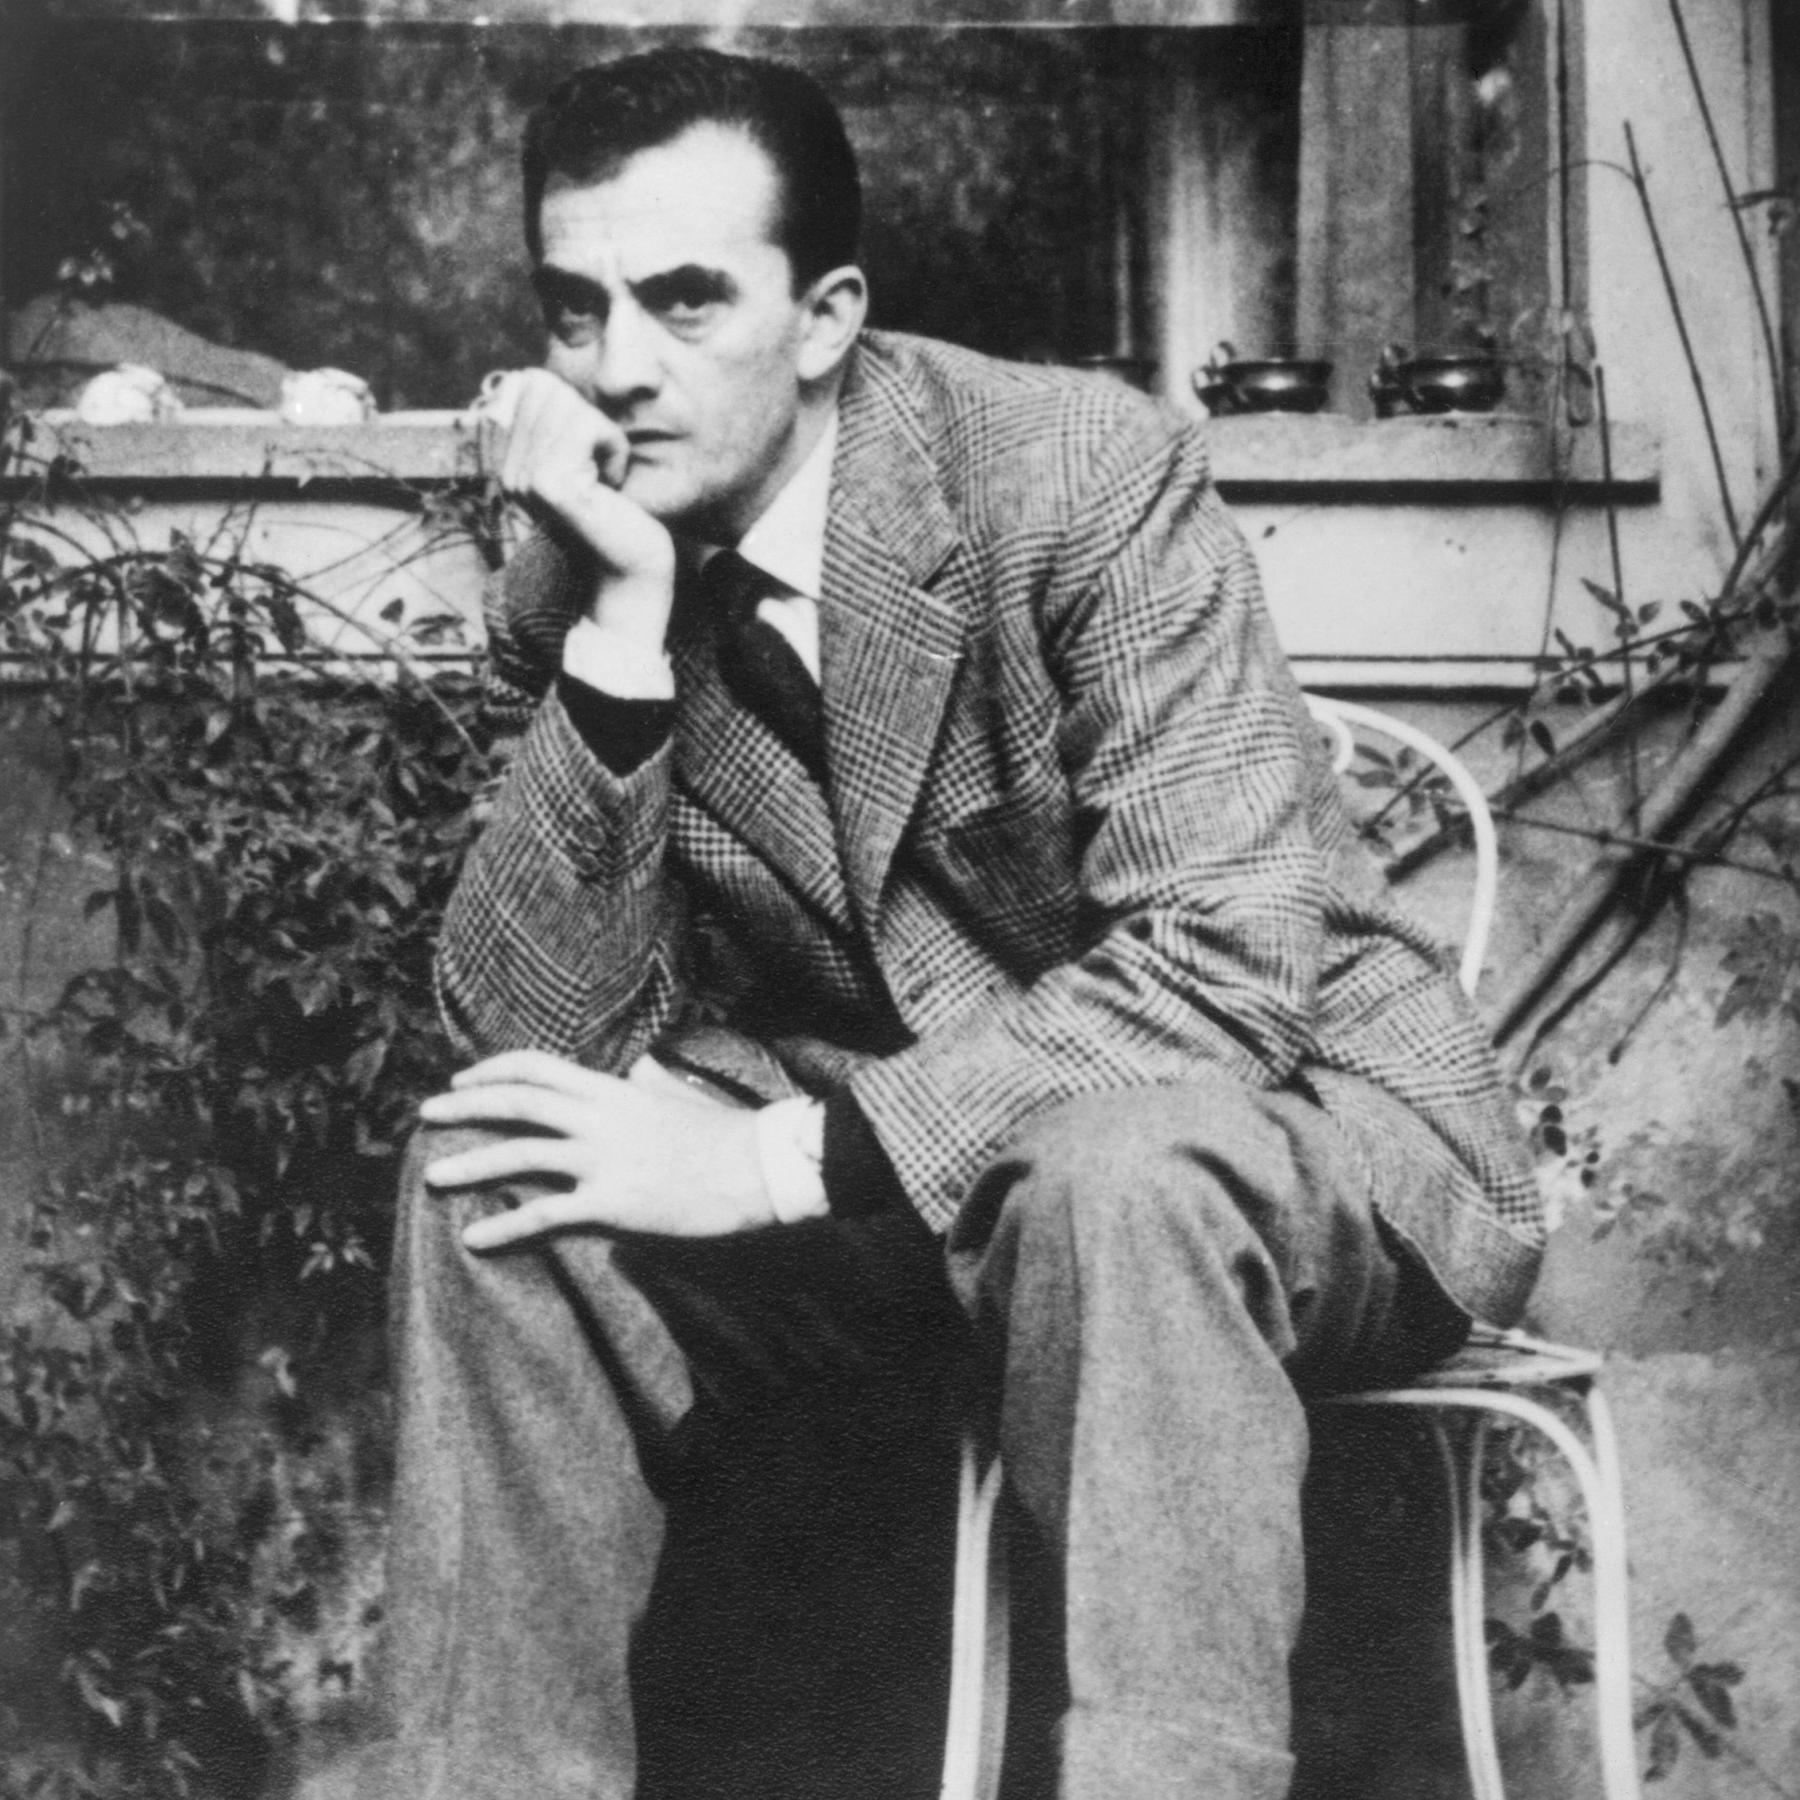 Luchino Visconti - Schönheit, Dekadenz und Tod